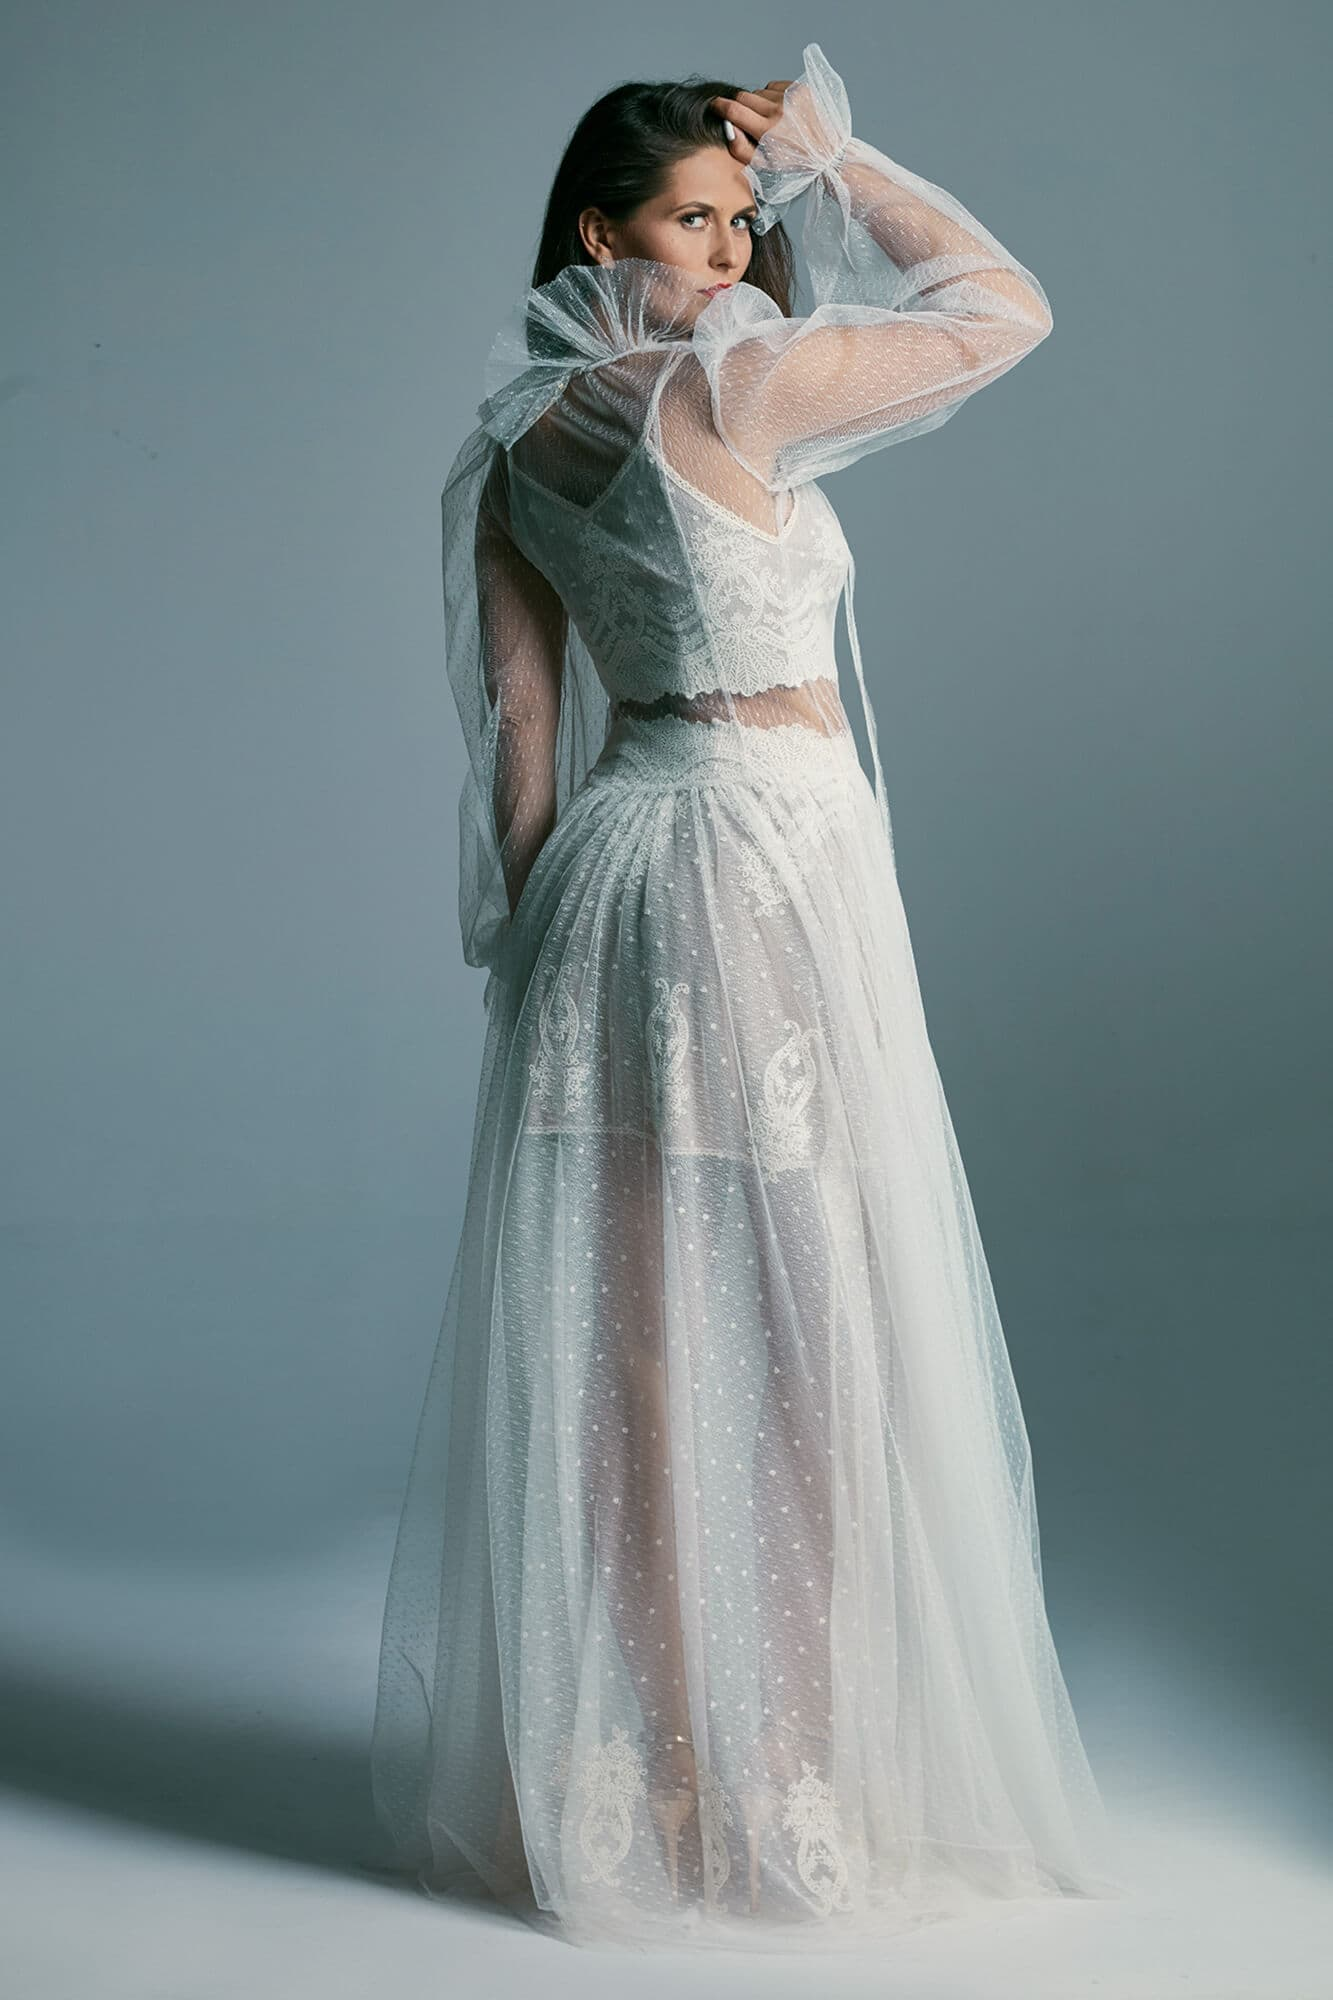 Piękna suknia ślubna w stylu retro okryta delikatnym tiulem Barcelona 20